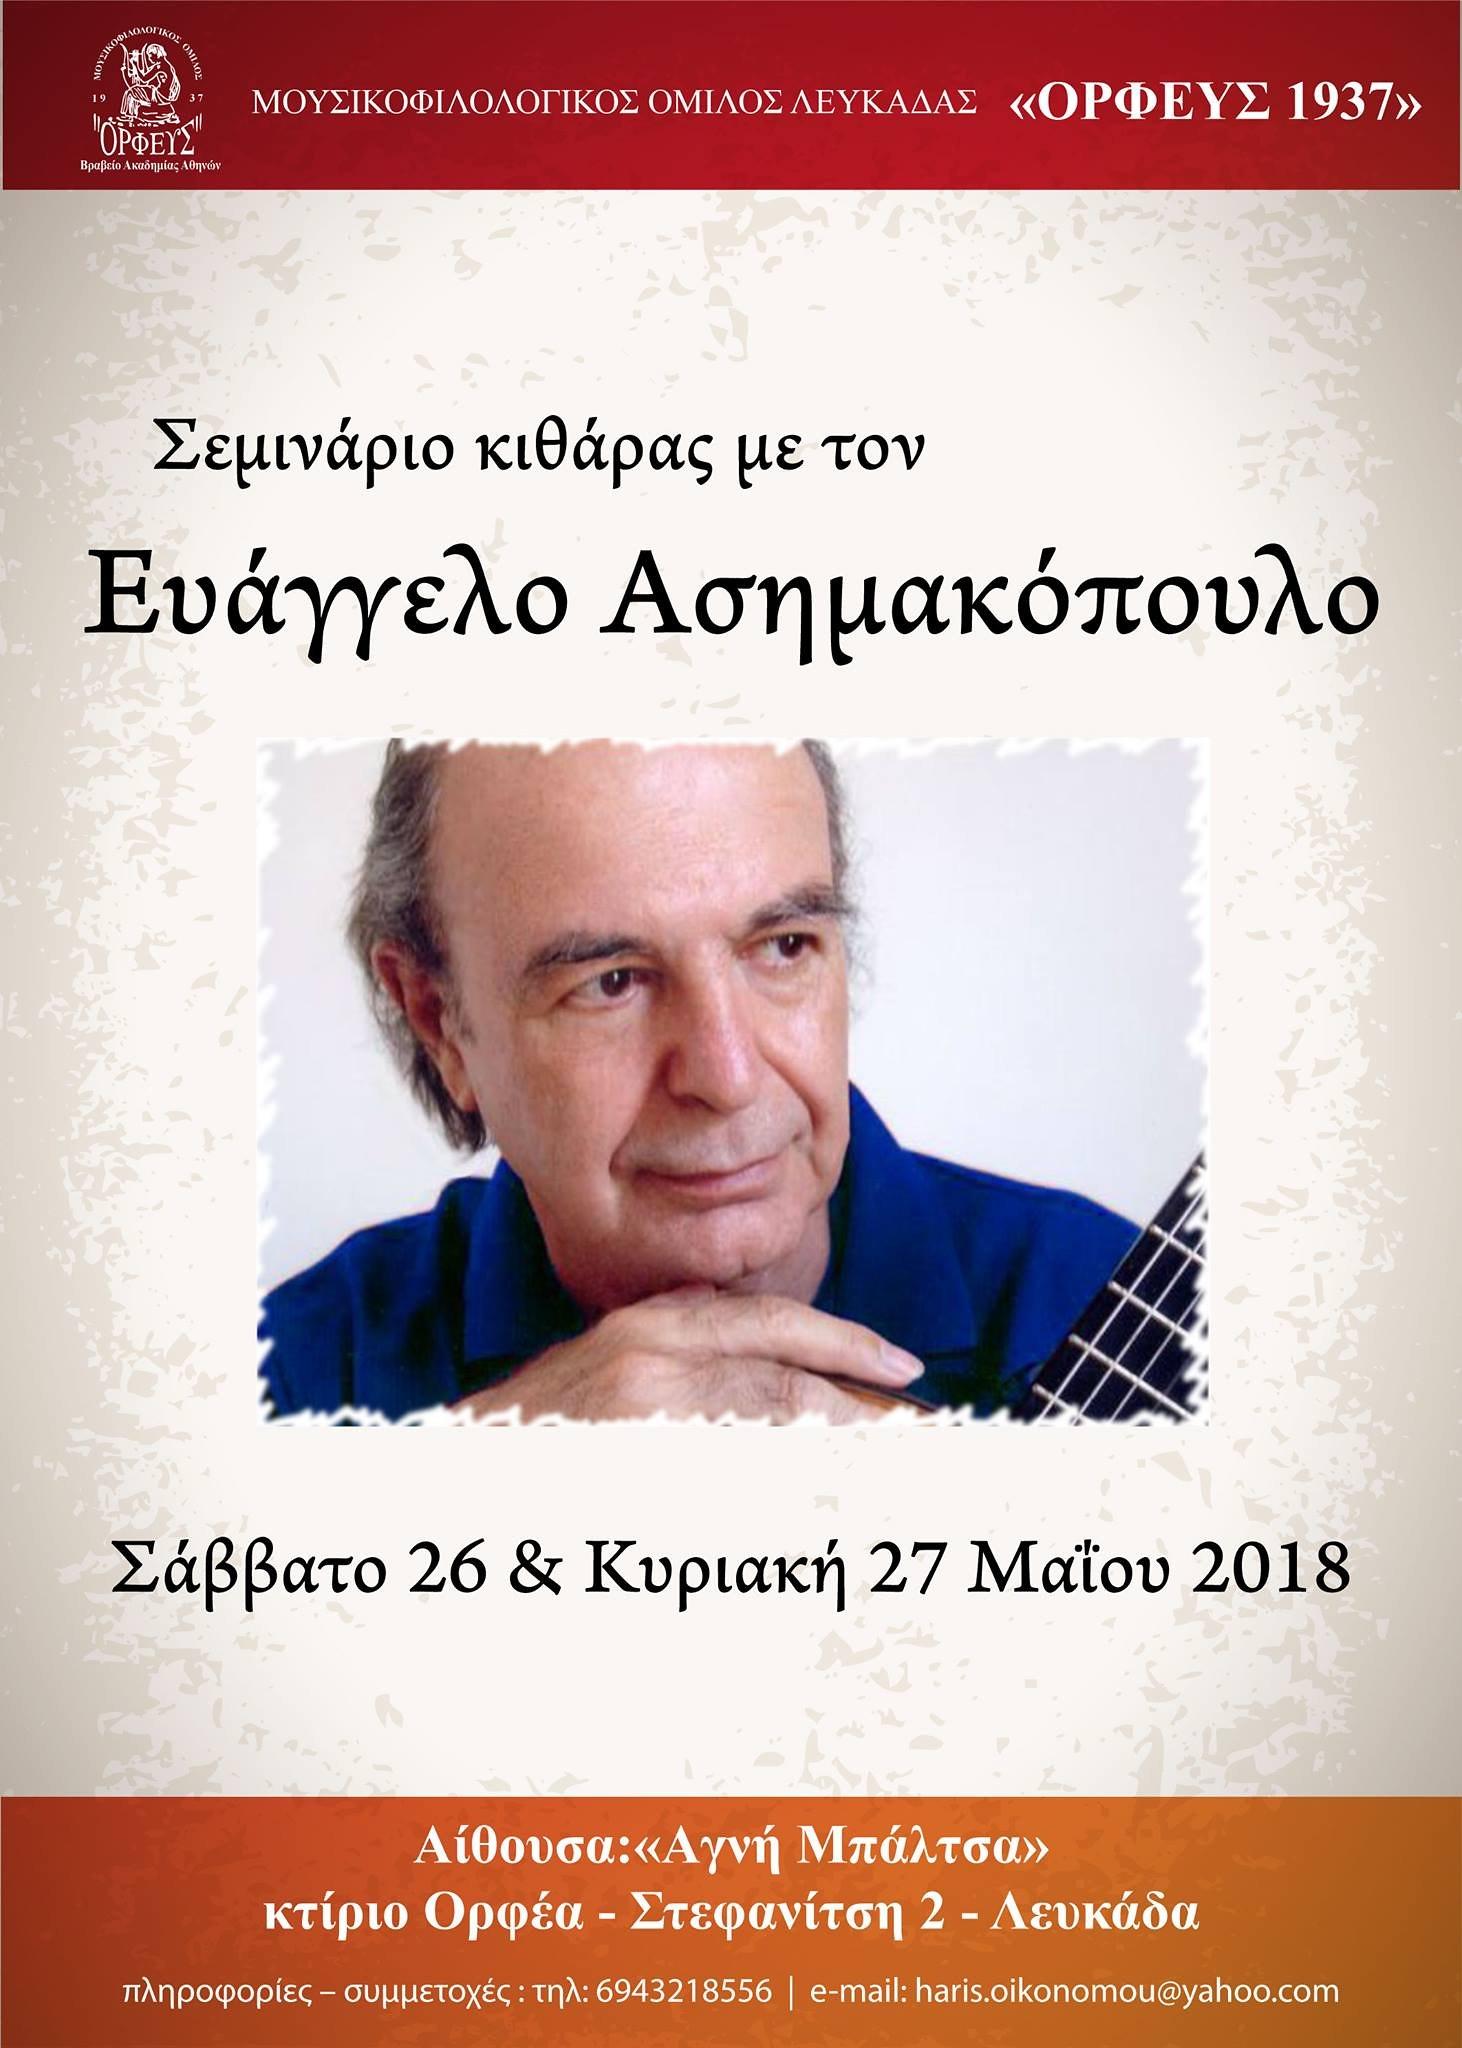 ΣΕΝΙΝΑΡΙΟ ΚΙΘΑΡΑΣ 26-27-5-2018